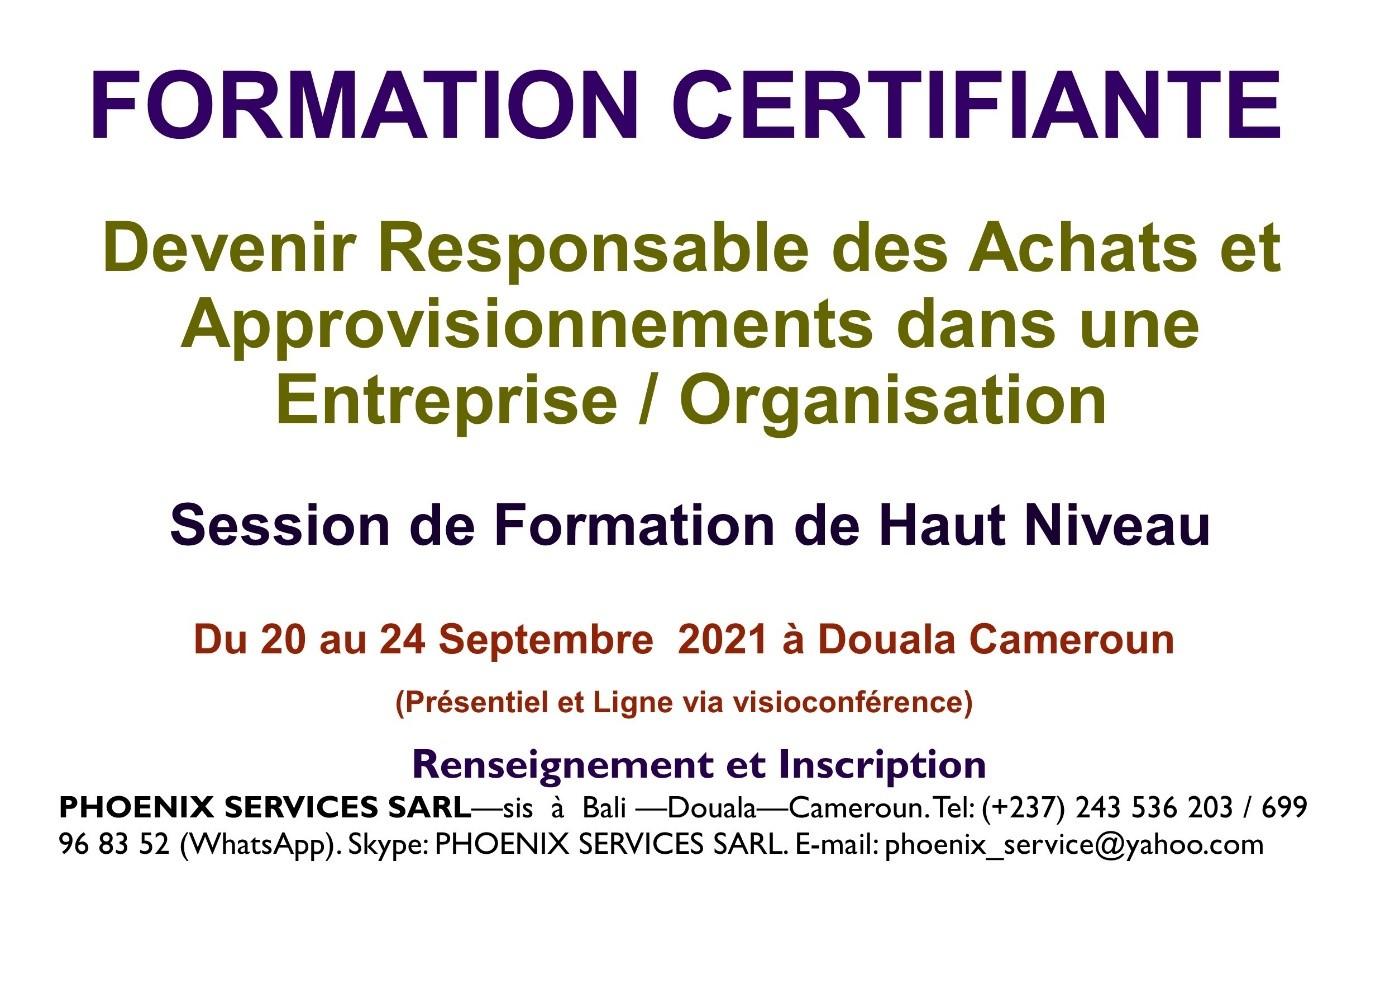 Formation Certifiante: Devenir Responsable des Achats et Approvisionnements dans une Entreprise / Organisation